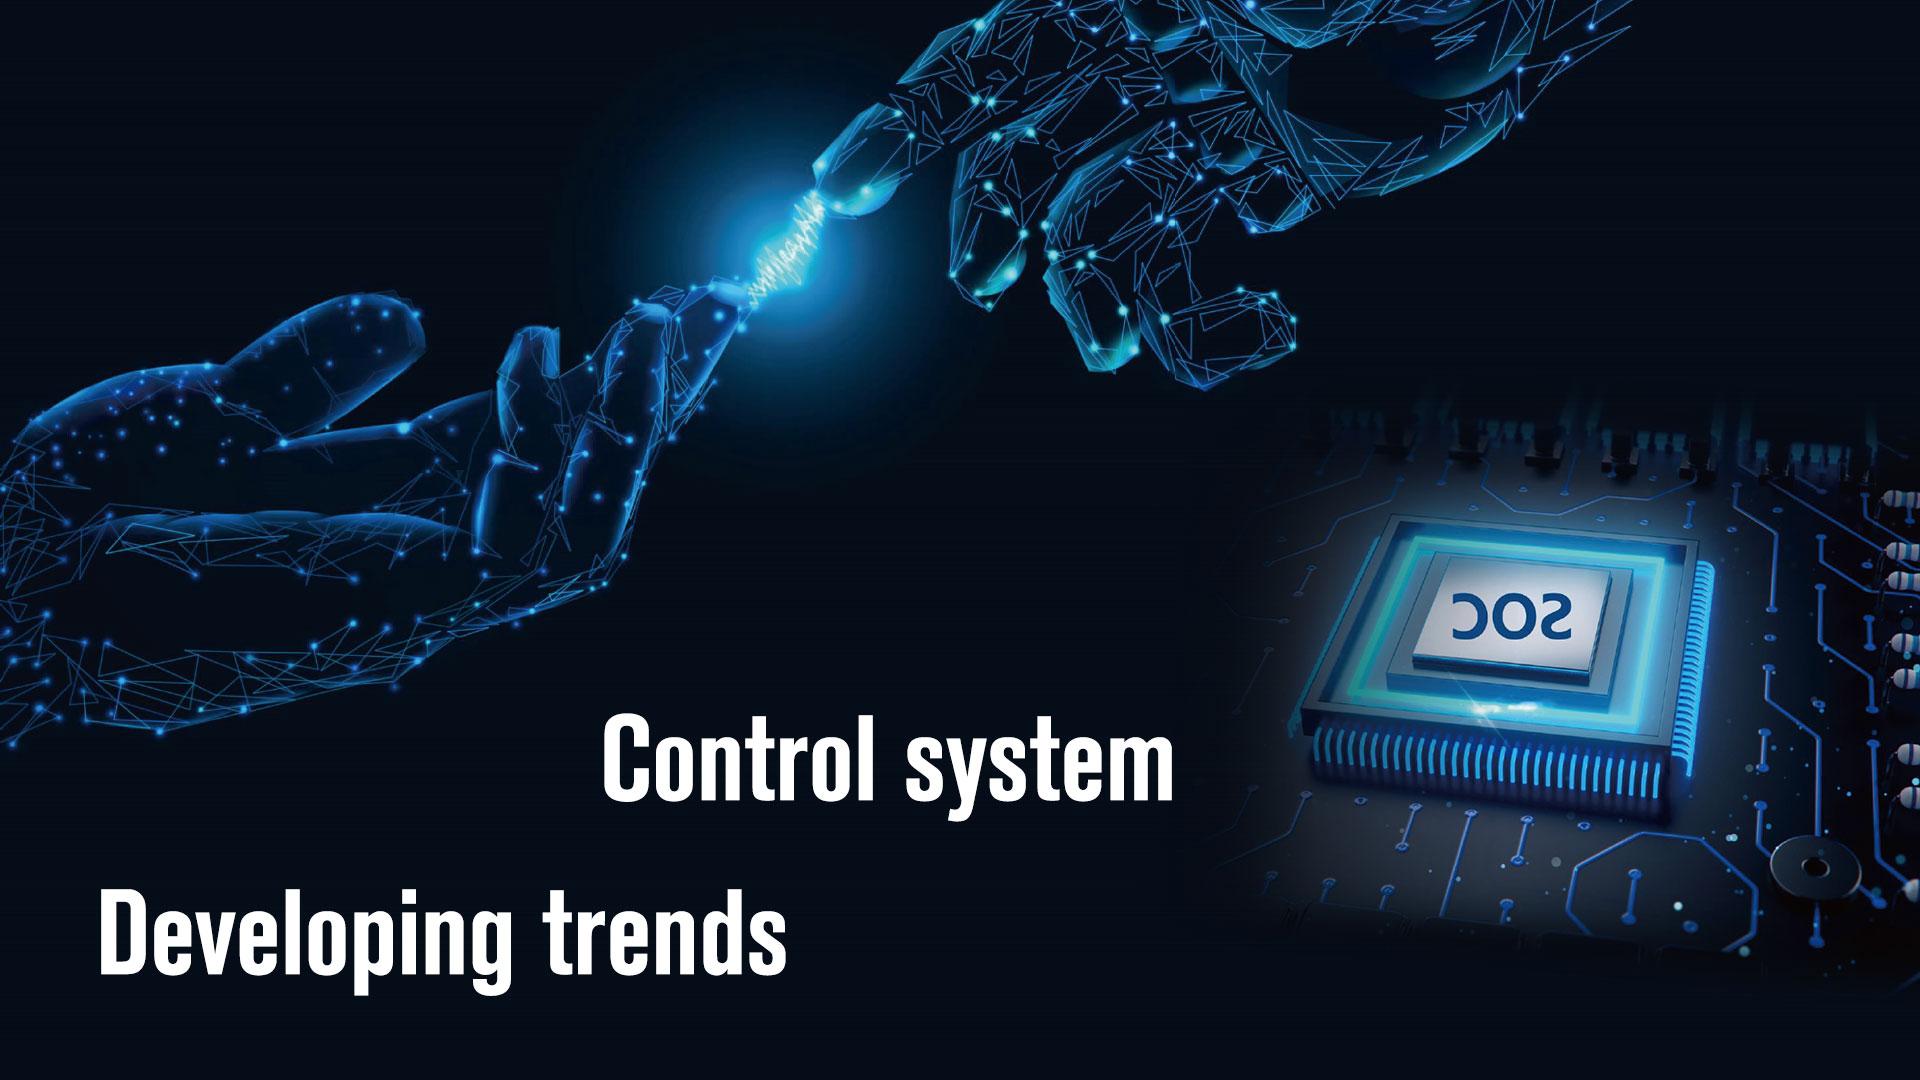 Het controlesysteem van groot led-scherm - idisplayled leverancier